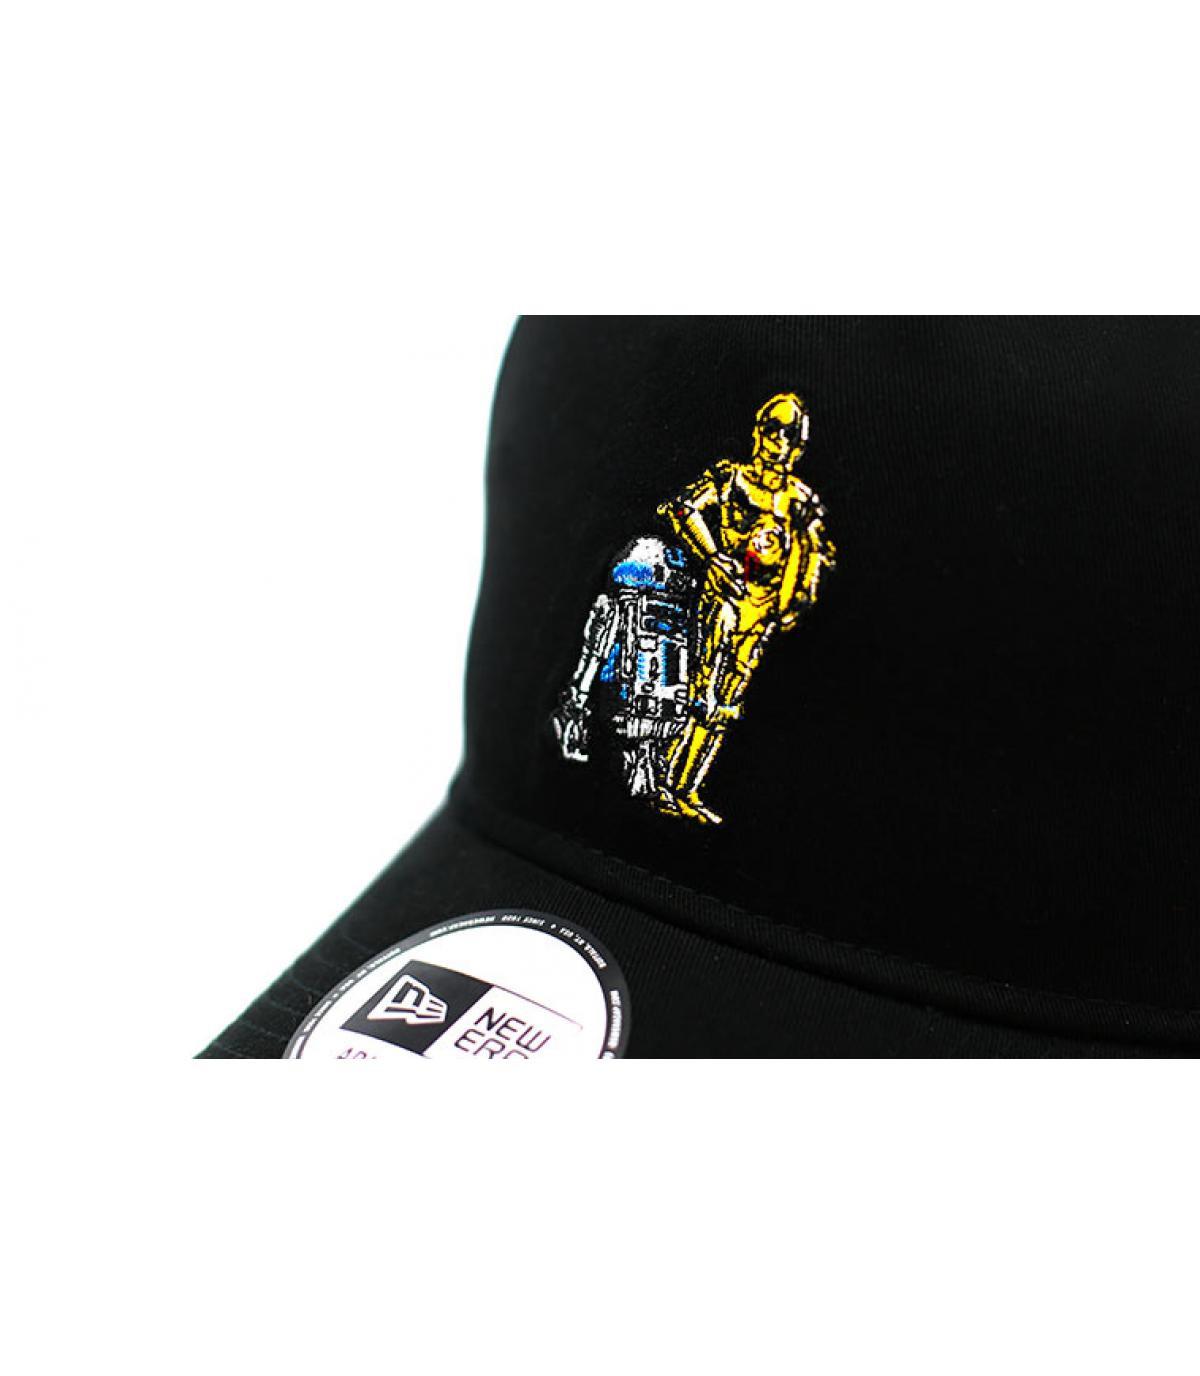 Détails Star Wars Droids 940 A Frame black - image 3